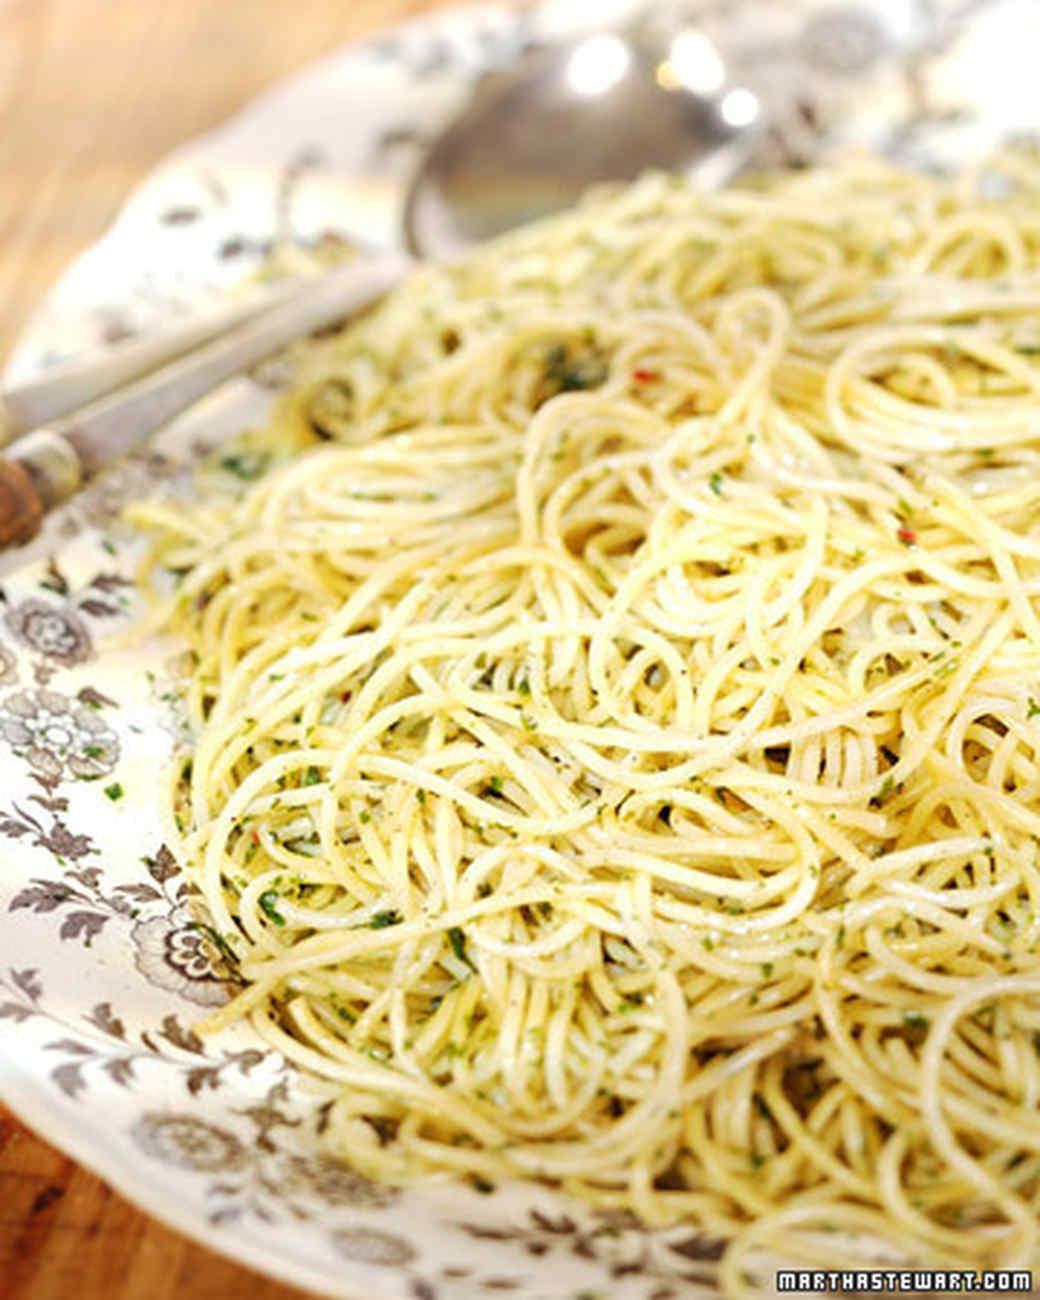 3079_012108_garlicpasta.jpg